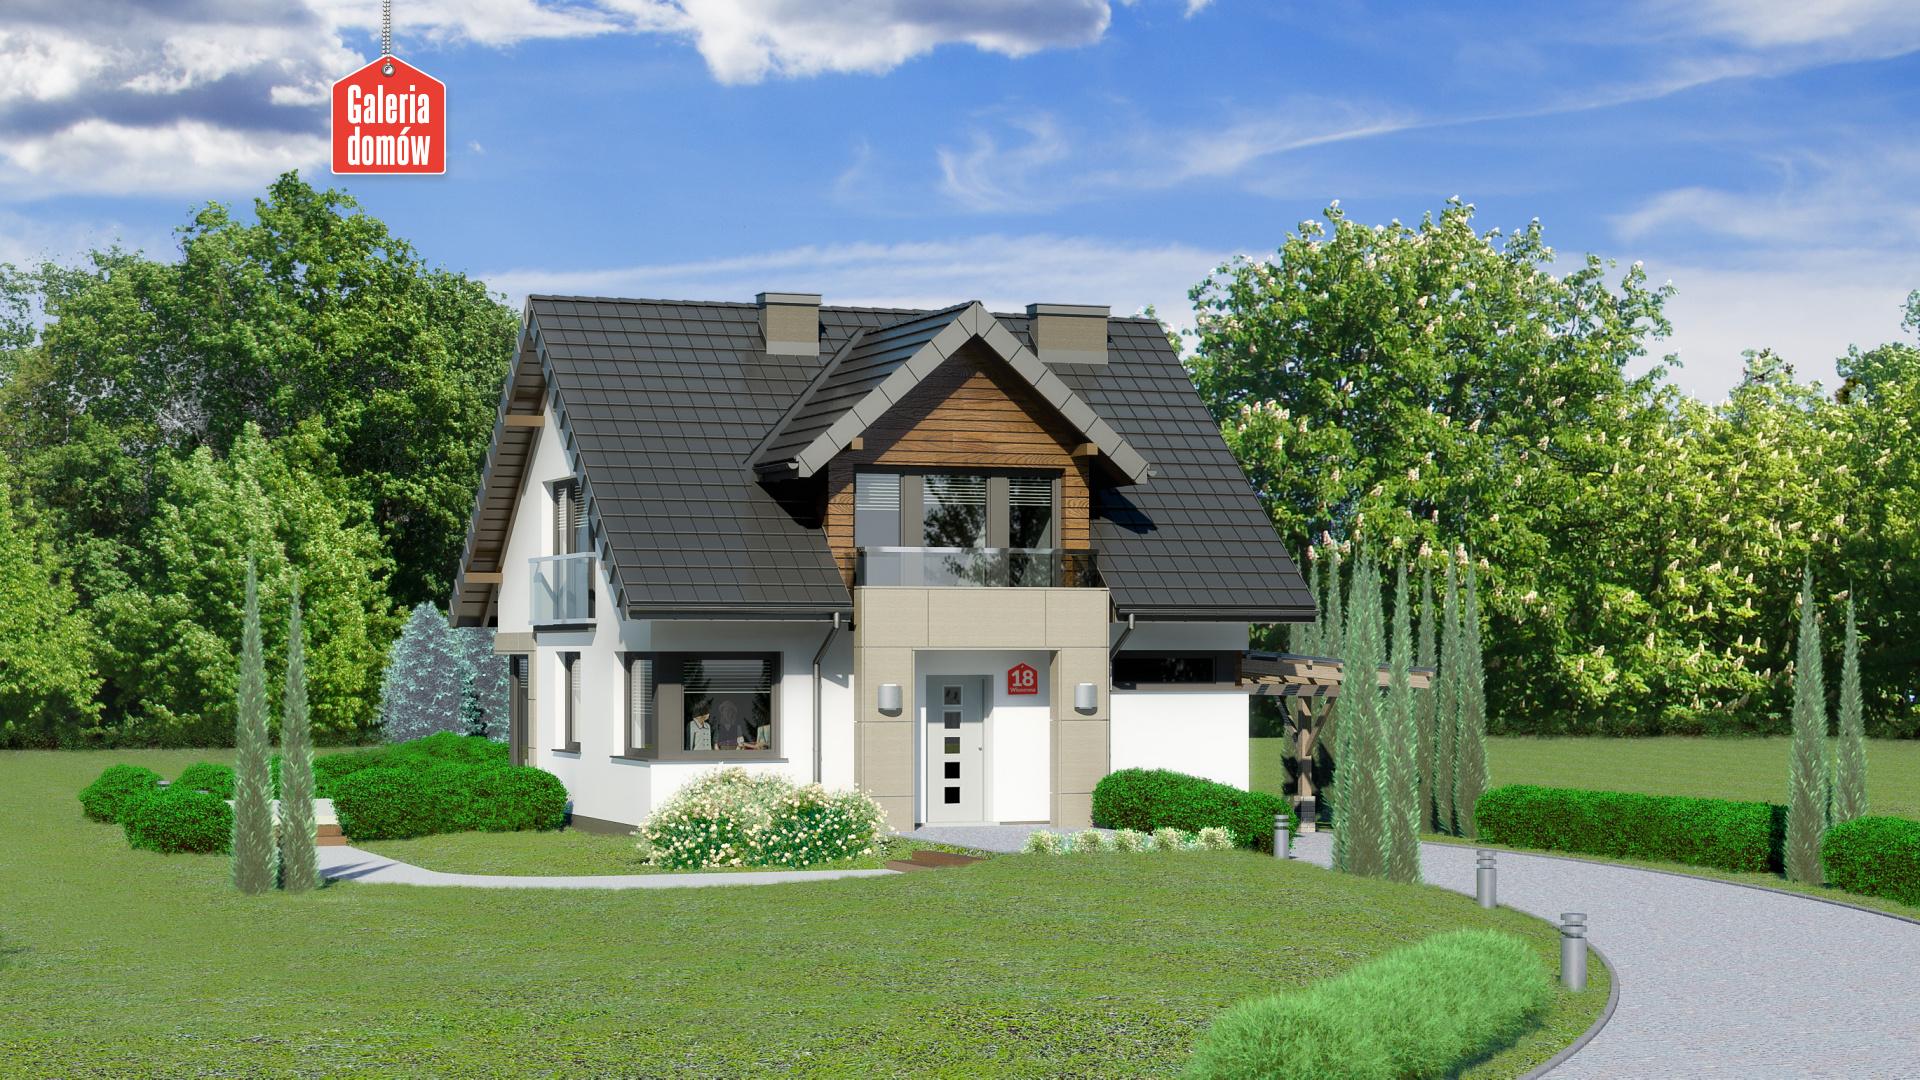 Dom przy Wiosennej 18 - zdjęcie projektu i wizualizacja